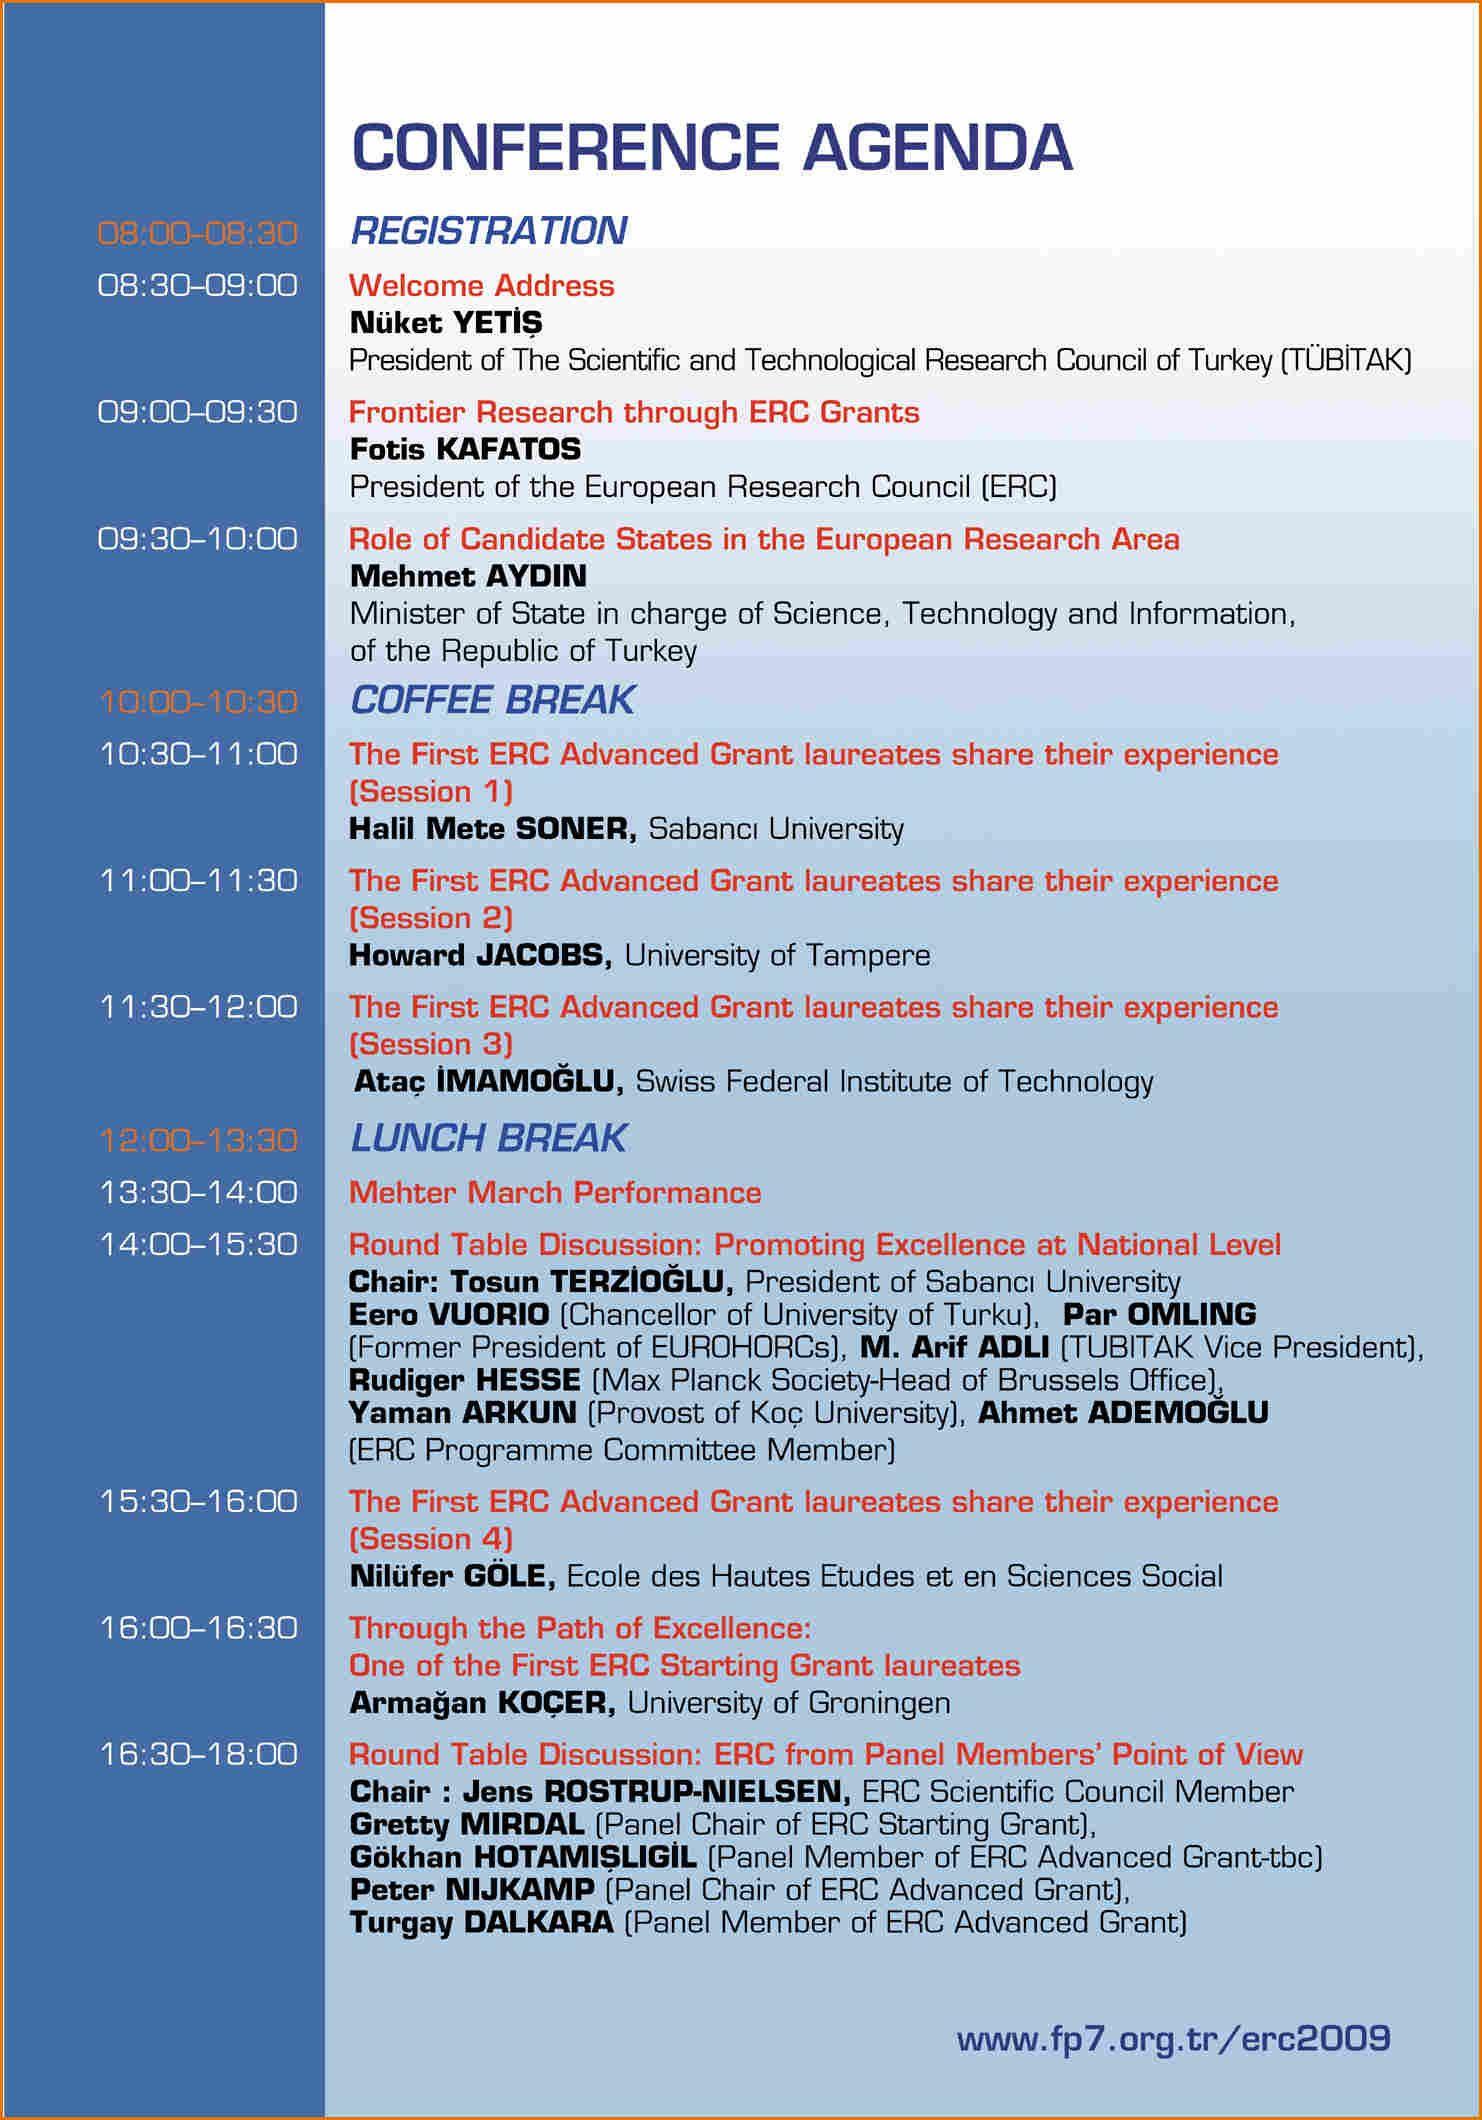 10 Conference Agenda Template Job Resumes Word Werkwerkwerk